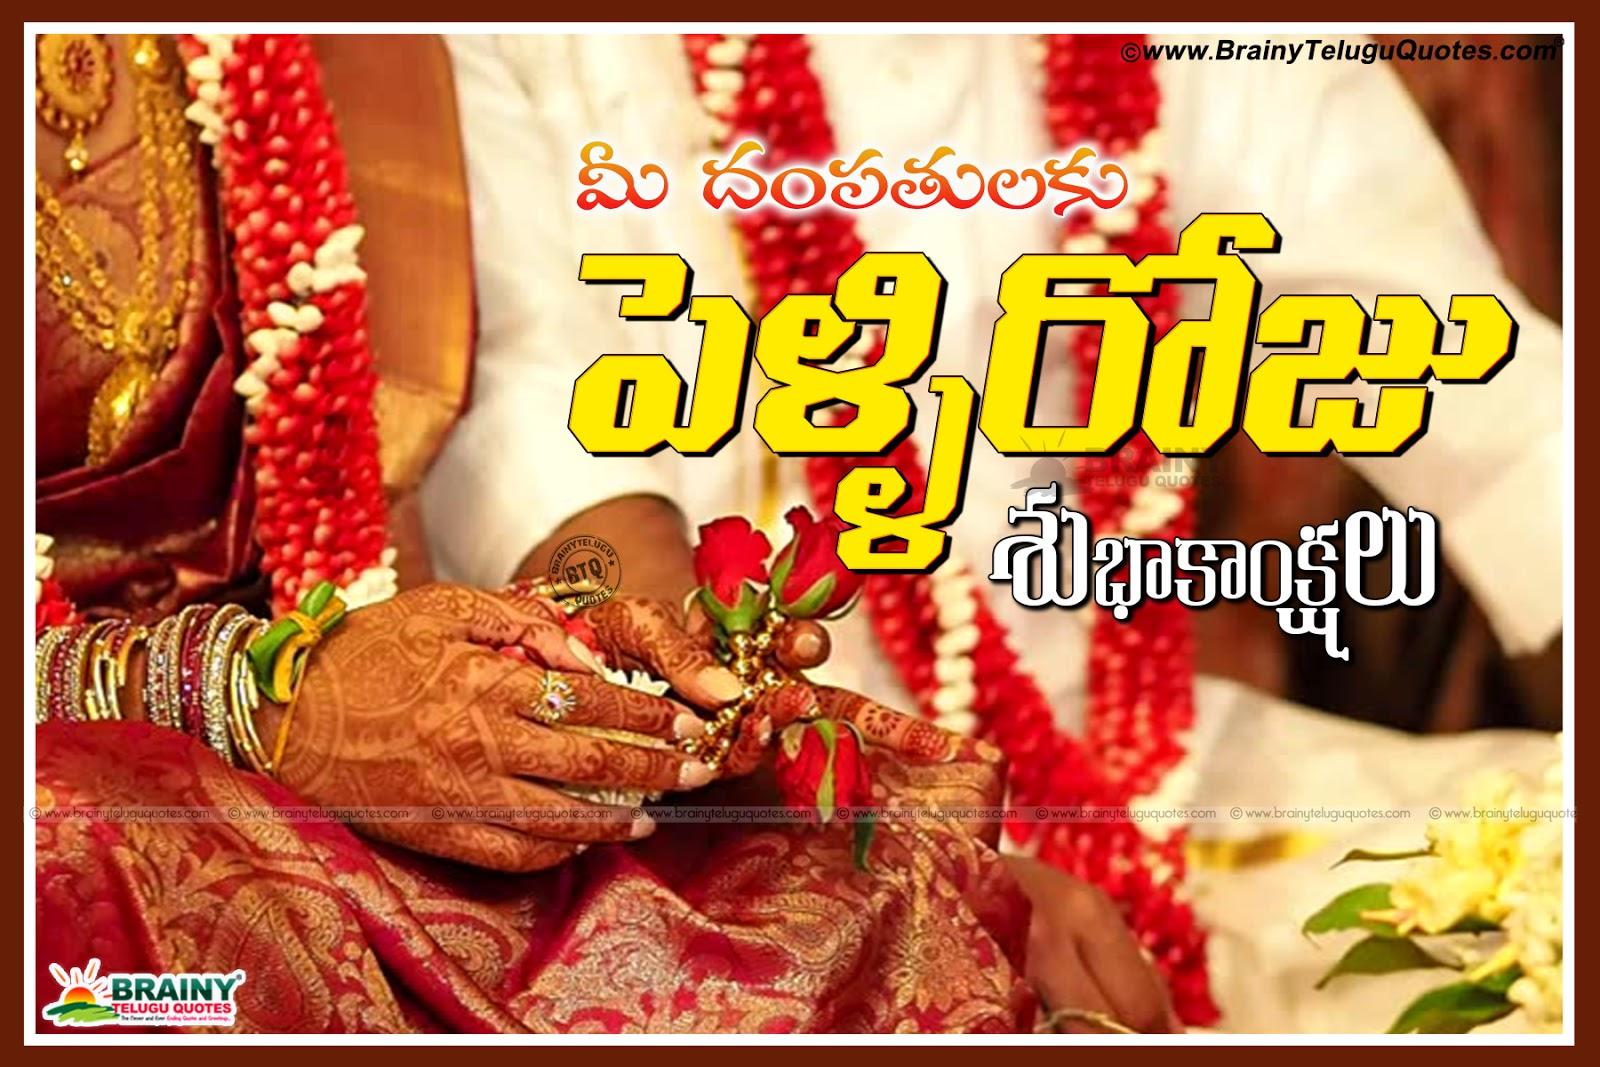 Happy Wedding Anniversary Pelli Roju Subhakankshalu Quotes In